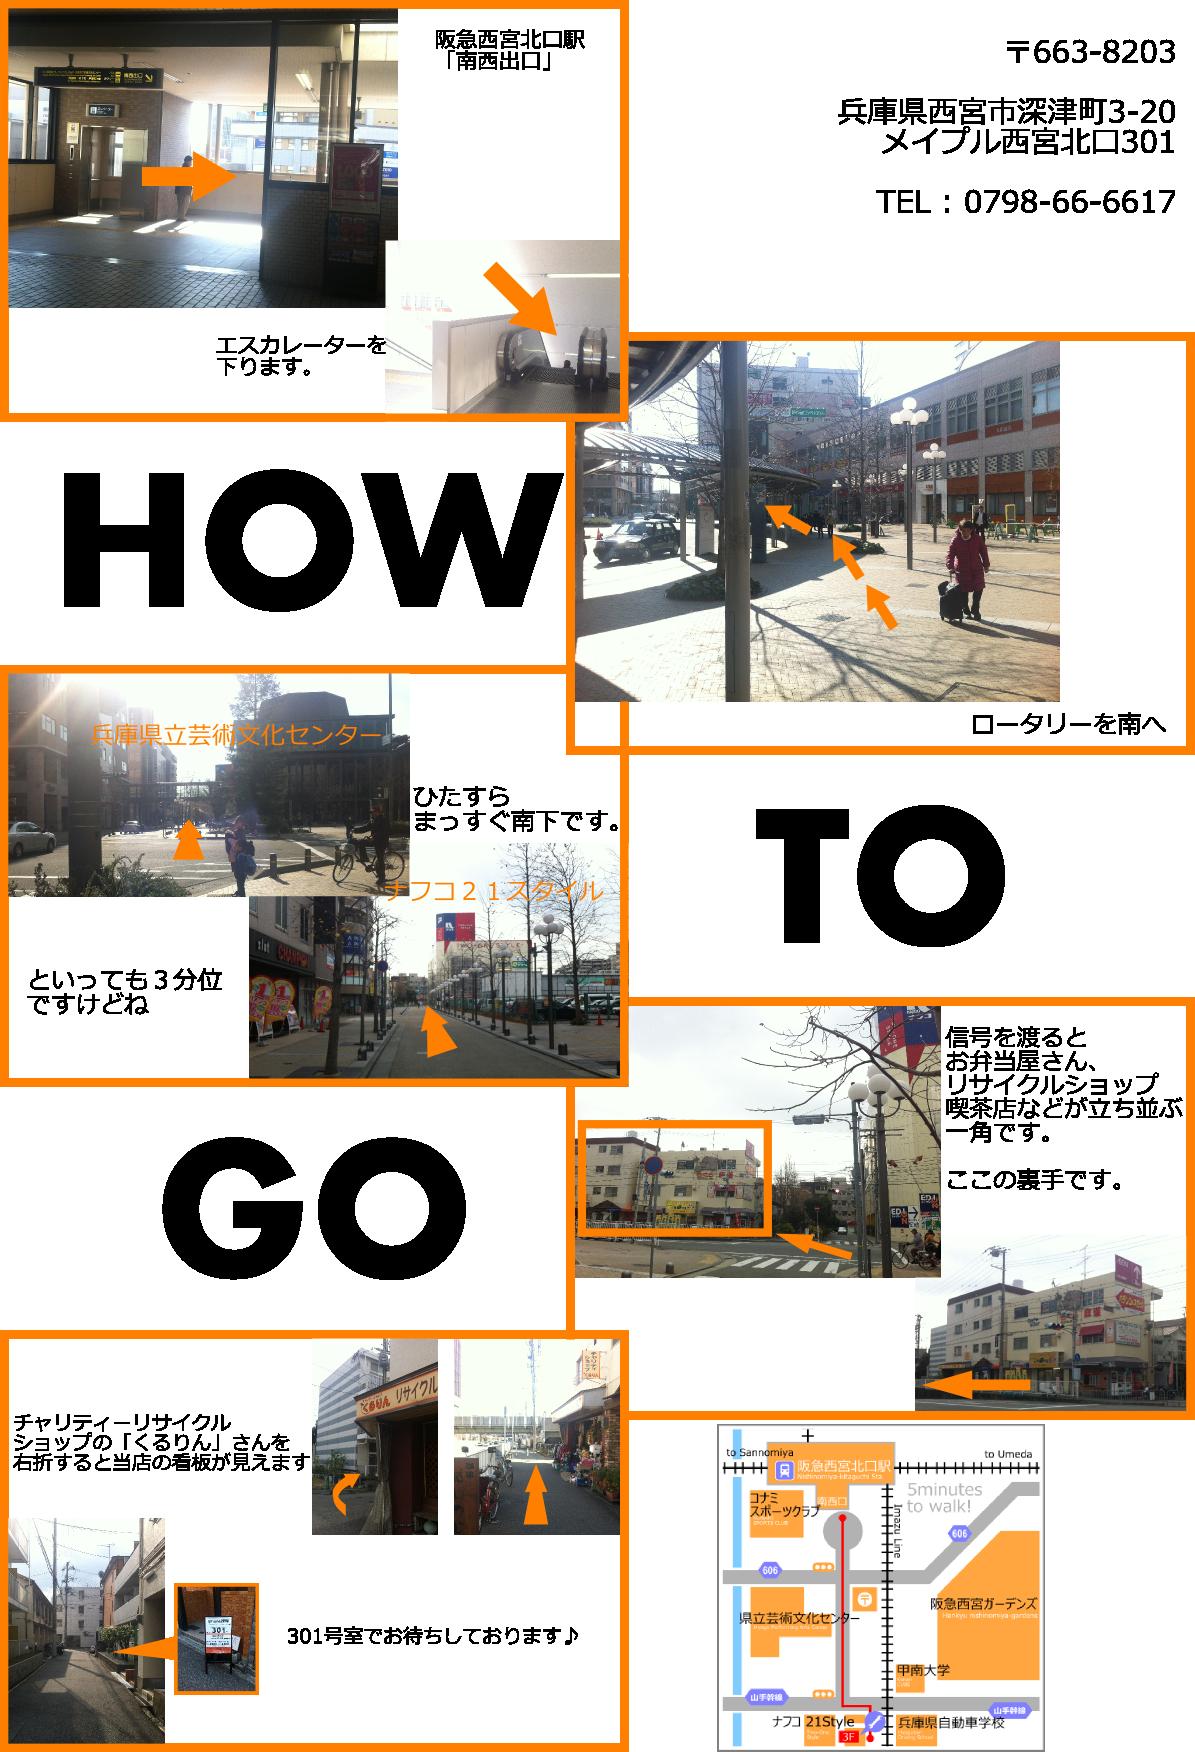 【iphone修理西宮店】店舗の外観、周辺写真